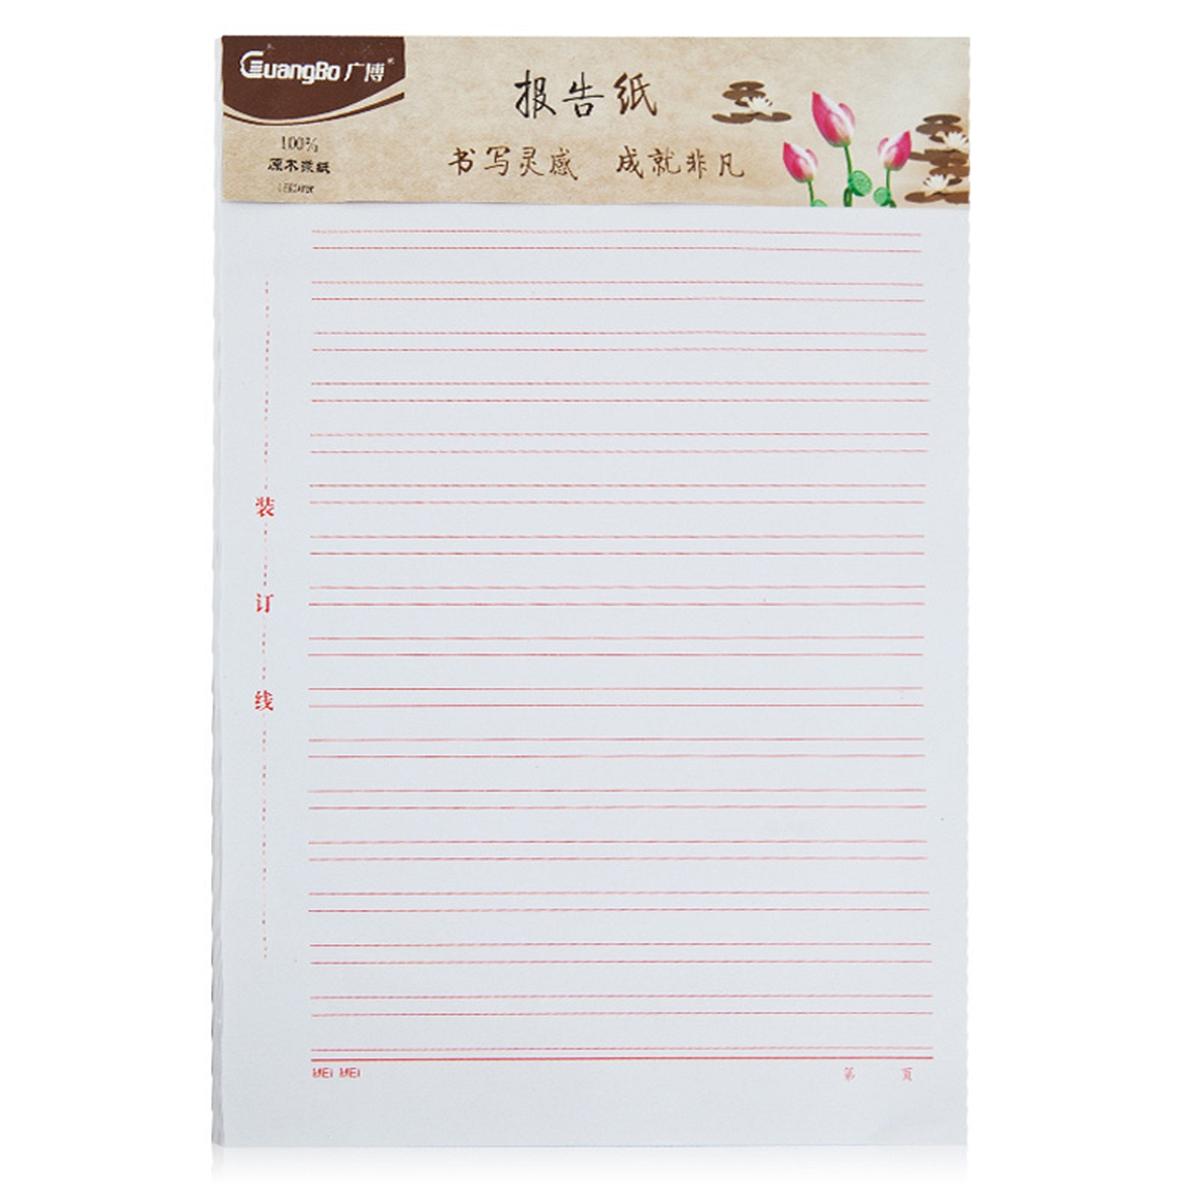 广博 GB16219 信纸 16K/30页(单位:本)